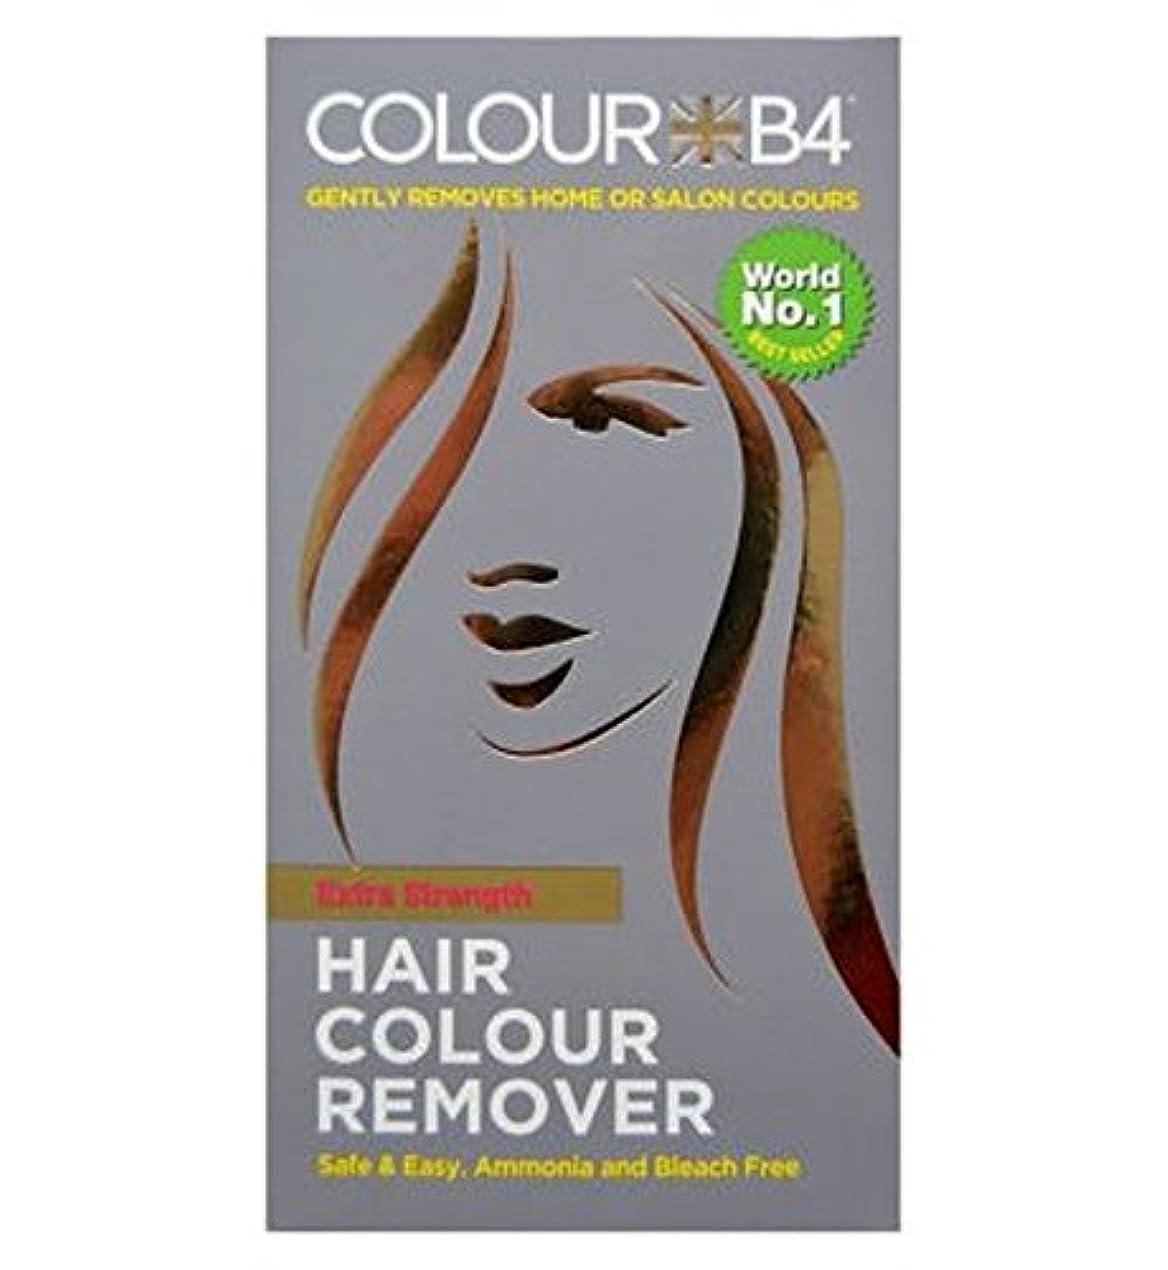 土曜日カスタムかんがいColour B4. Hair colour remover extra strength - カラーB4。ヘアカラーリムーバー余分な強さ (ColourB4) [並行輸入品]